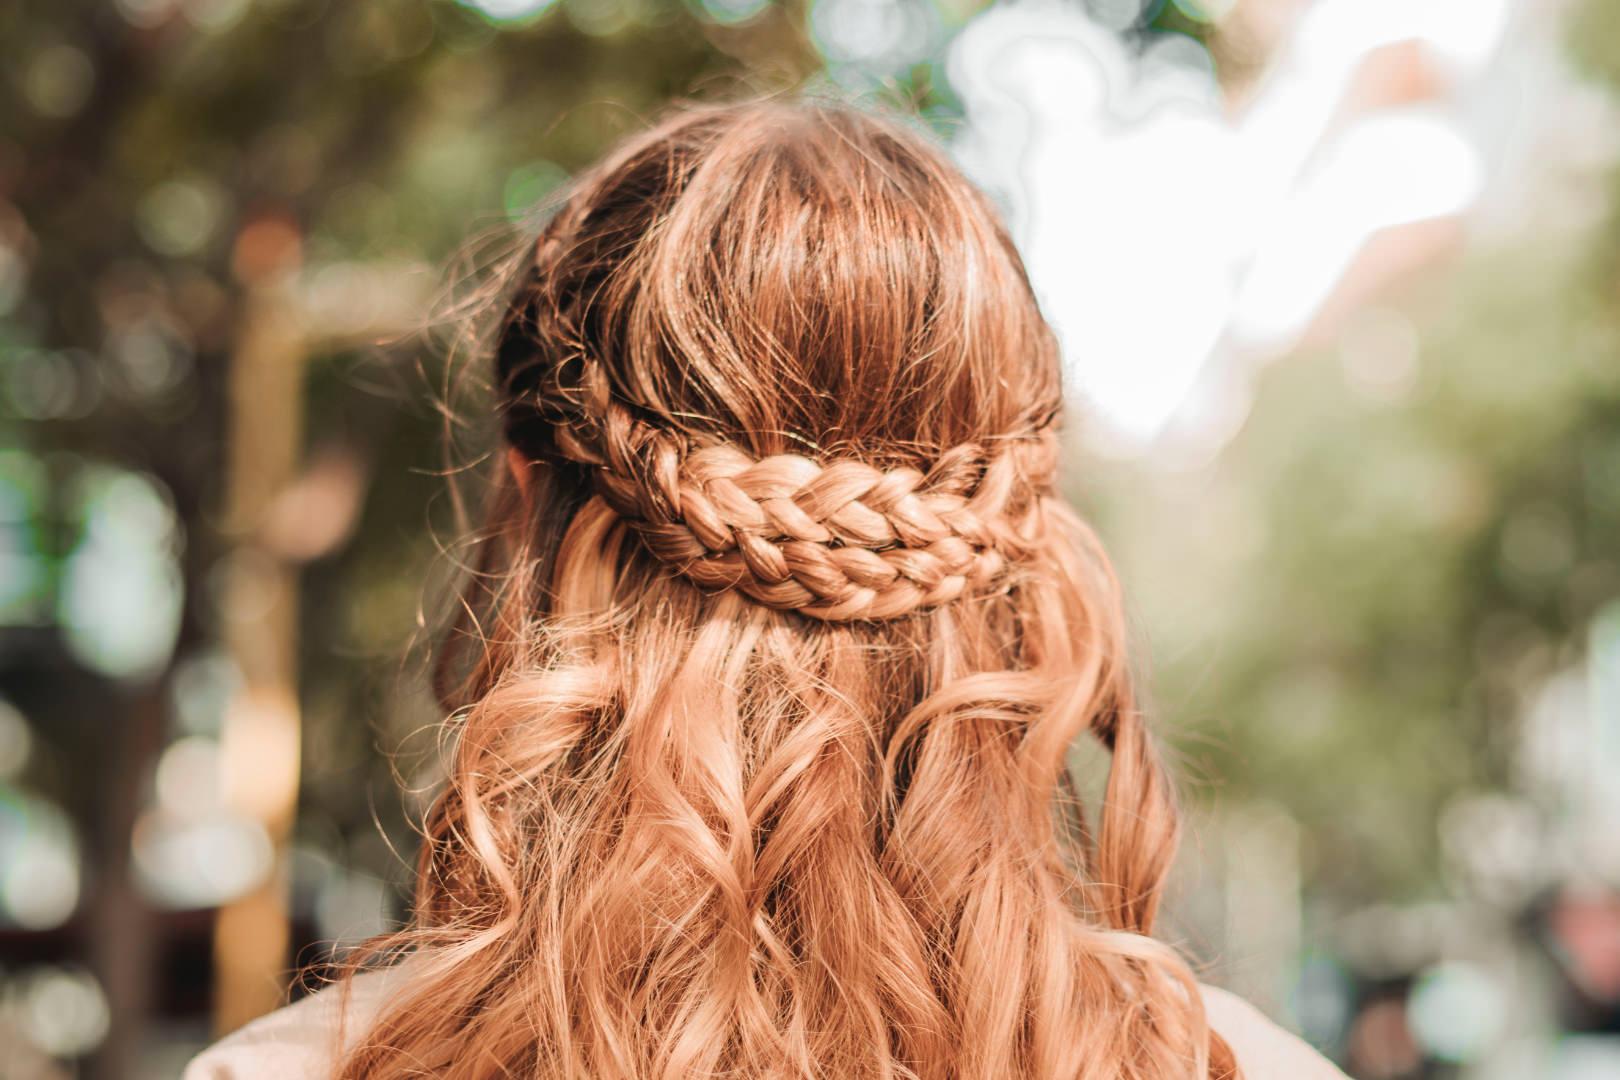 Blog Post 23 consigli per mantenere al meglio i capelli grassi, senza danneggiare e irritare il cuoio capelluto.